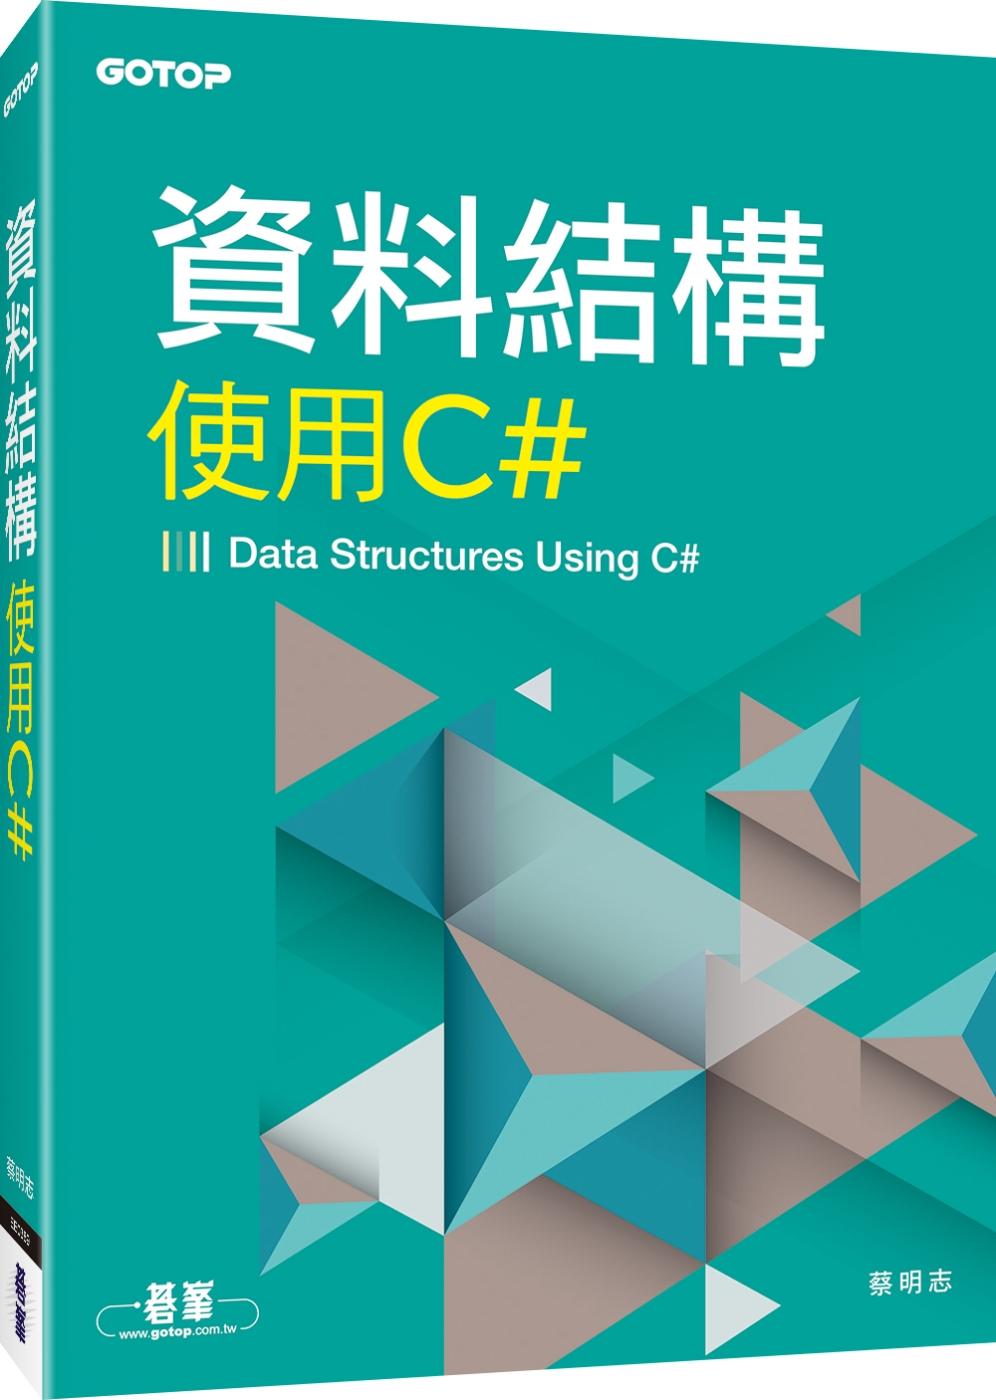 資料結構:使用C#